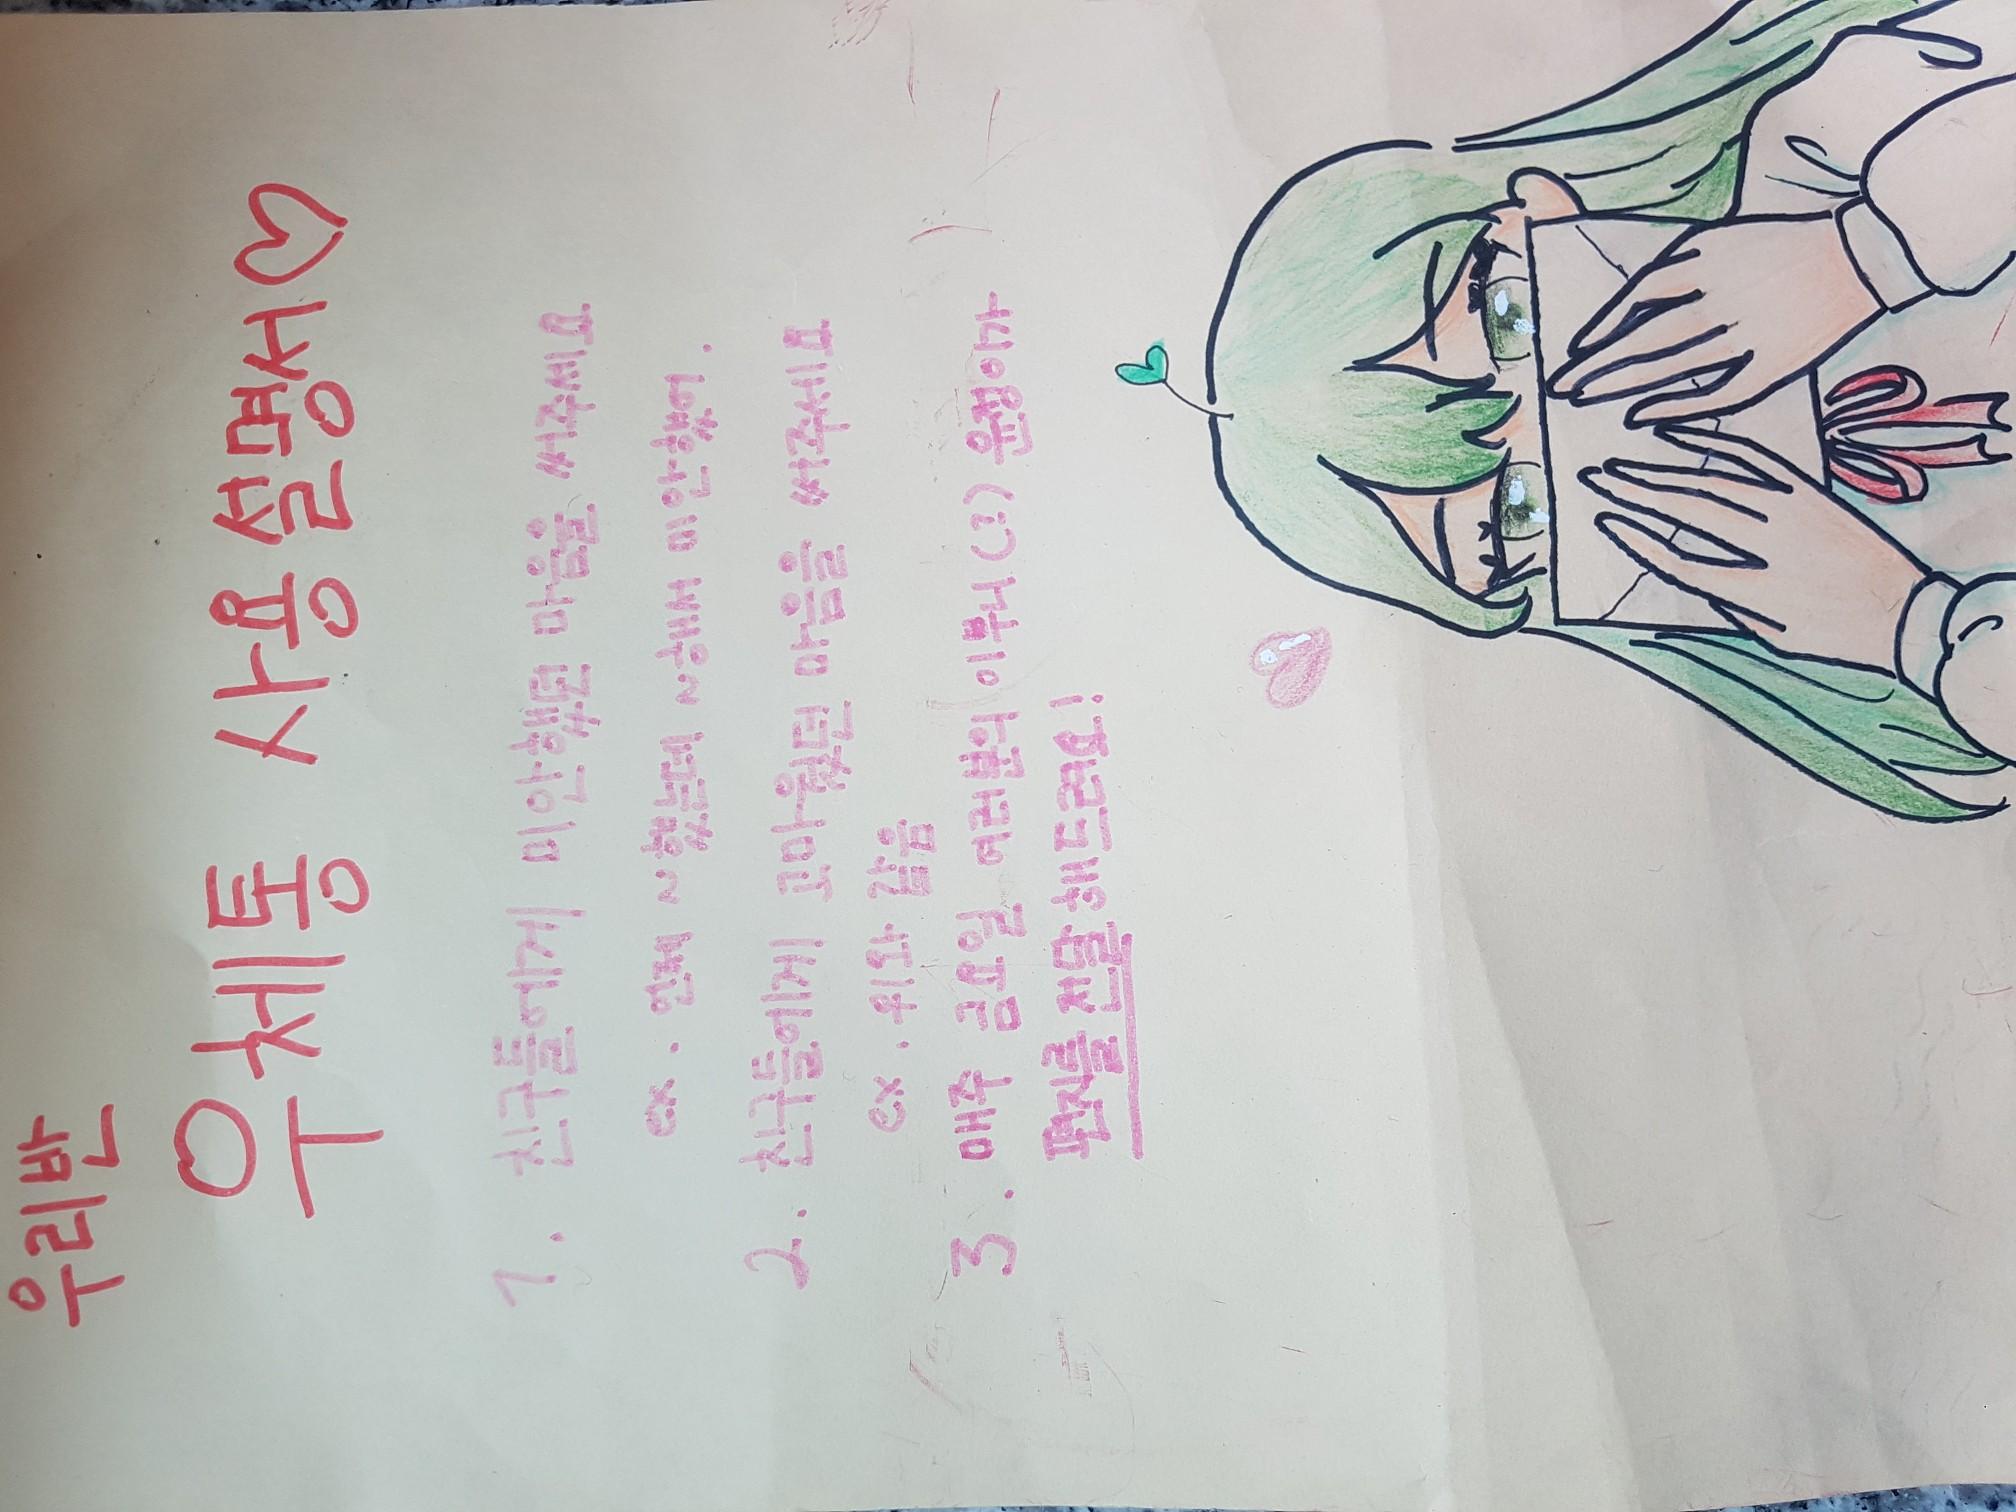 [일반] (1-6) 학급 우체통을 통하여 친구들에게 마음을 전해요!의 첨부이미지 2